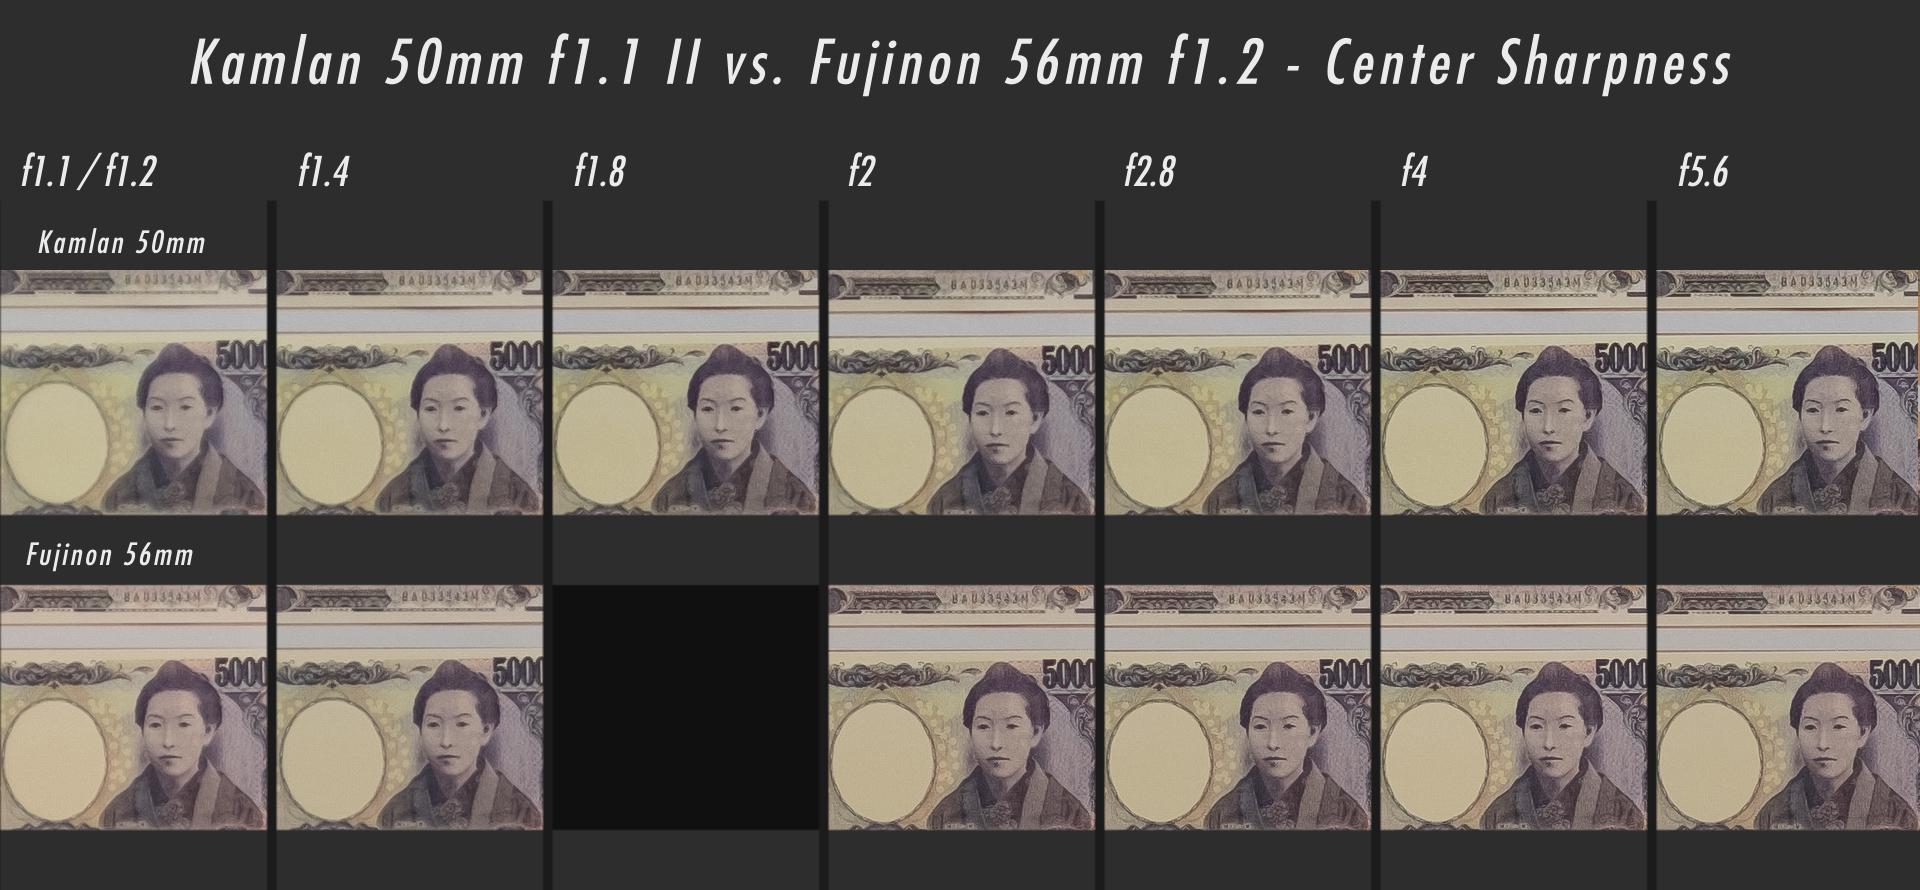 Kamlan 50mm f1.1 II vs Fujifilm 56mm f1.2 Center Sharpness